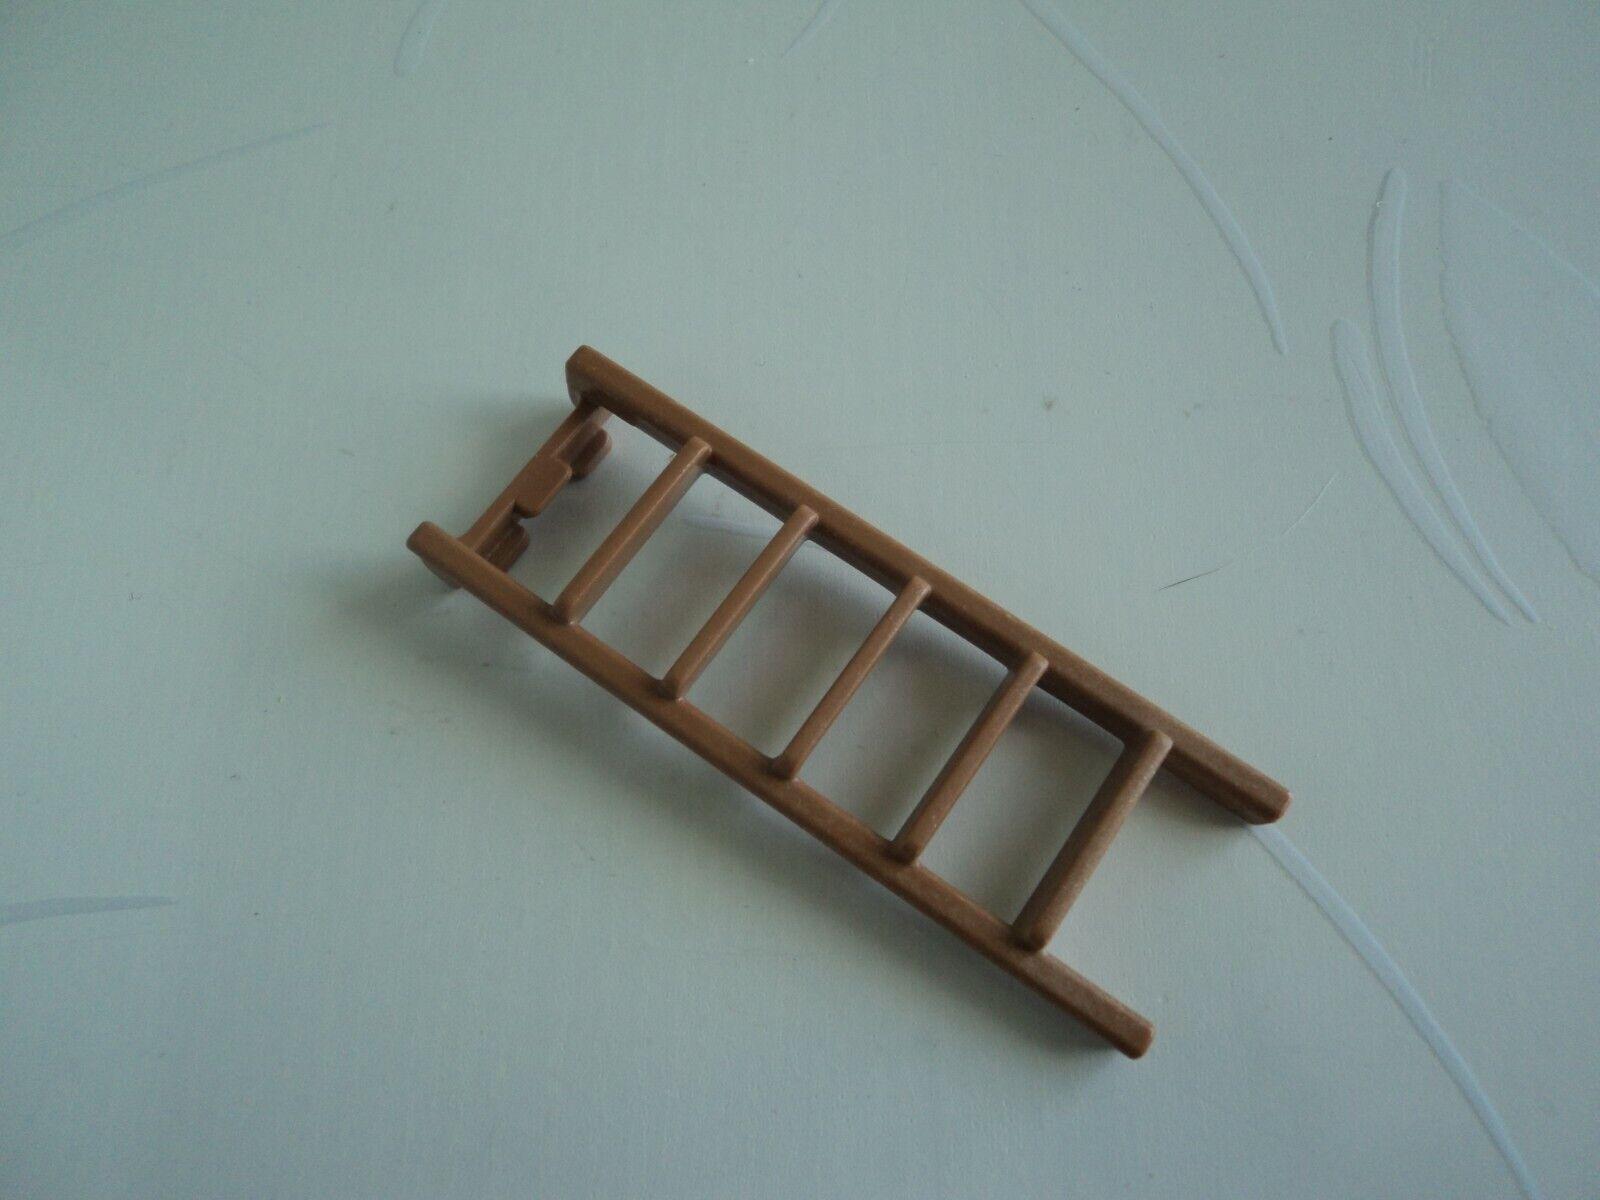 Playmobil vintage échelle marron pour lits superposés chambre enfants 5311 /1990